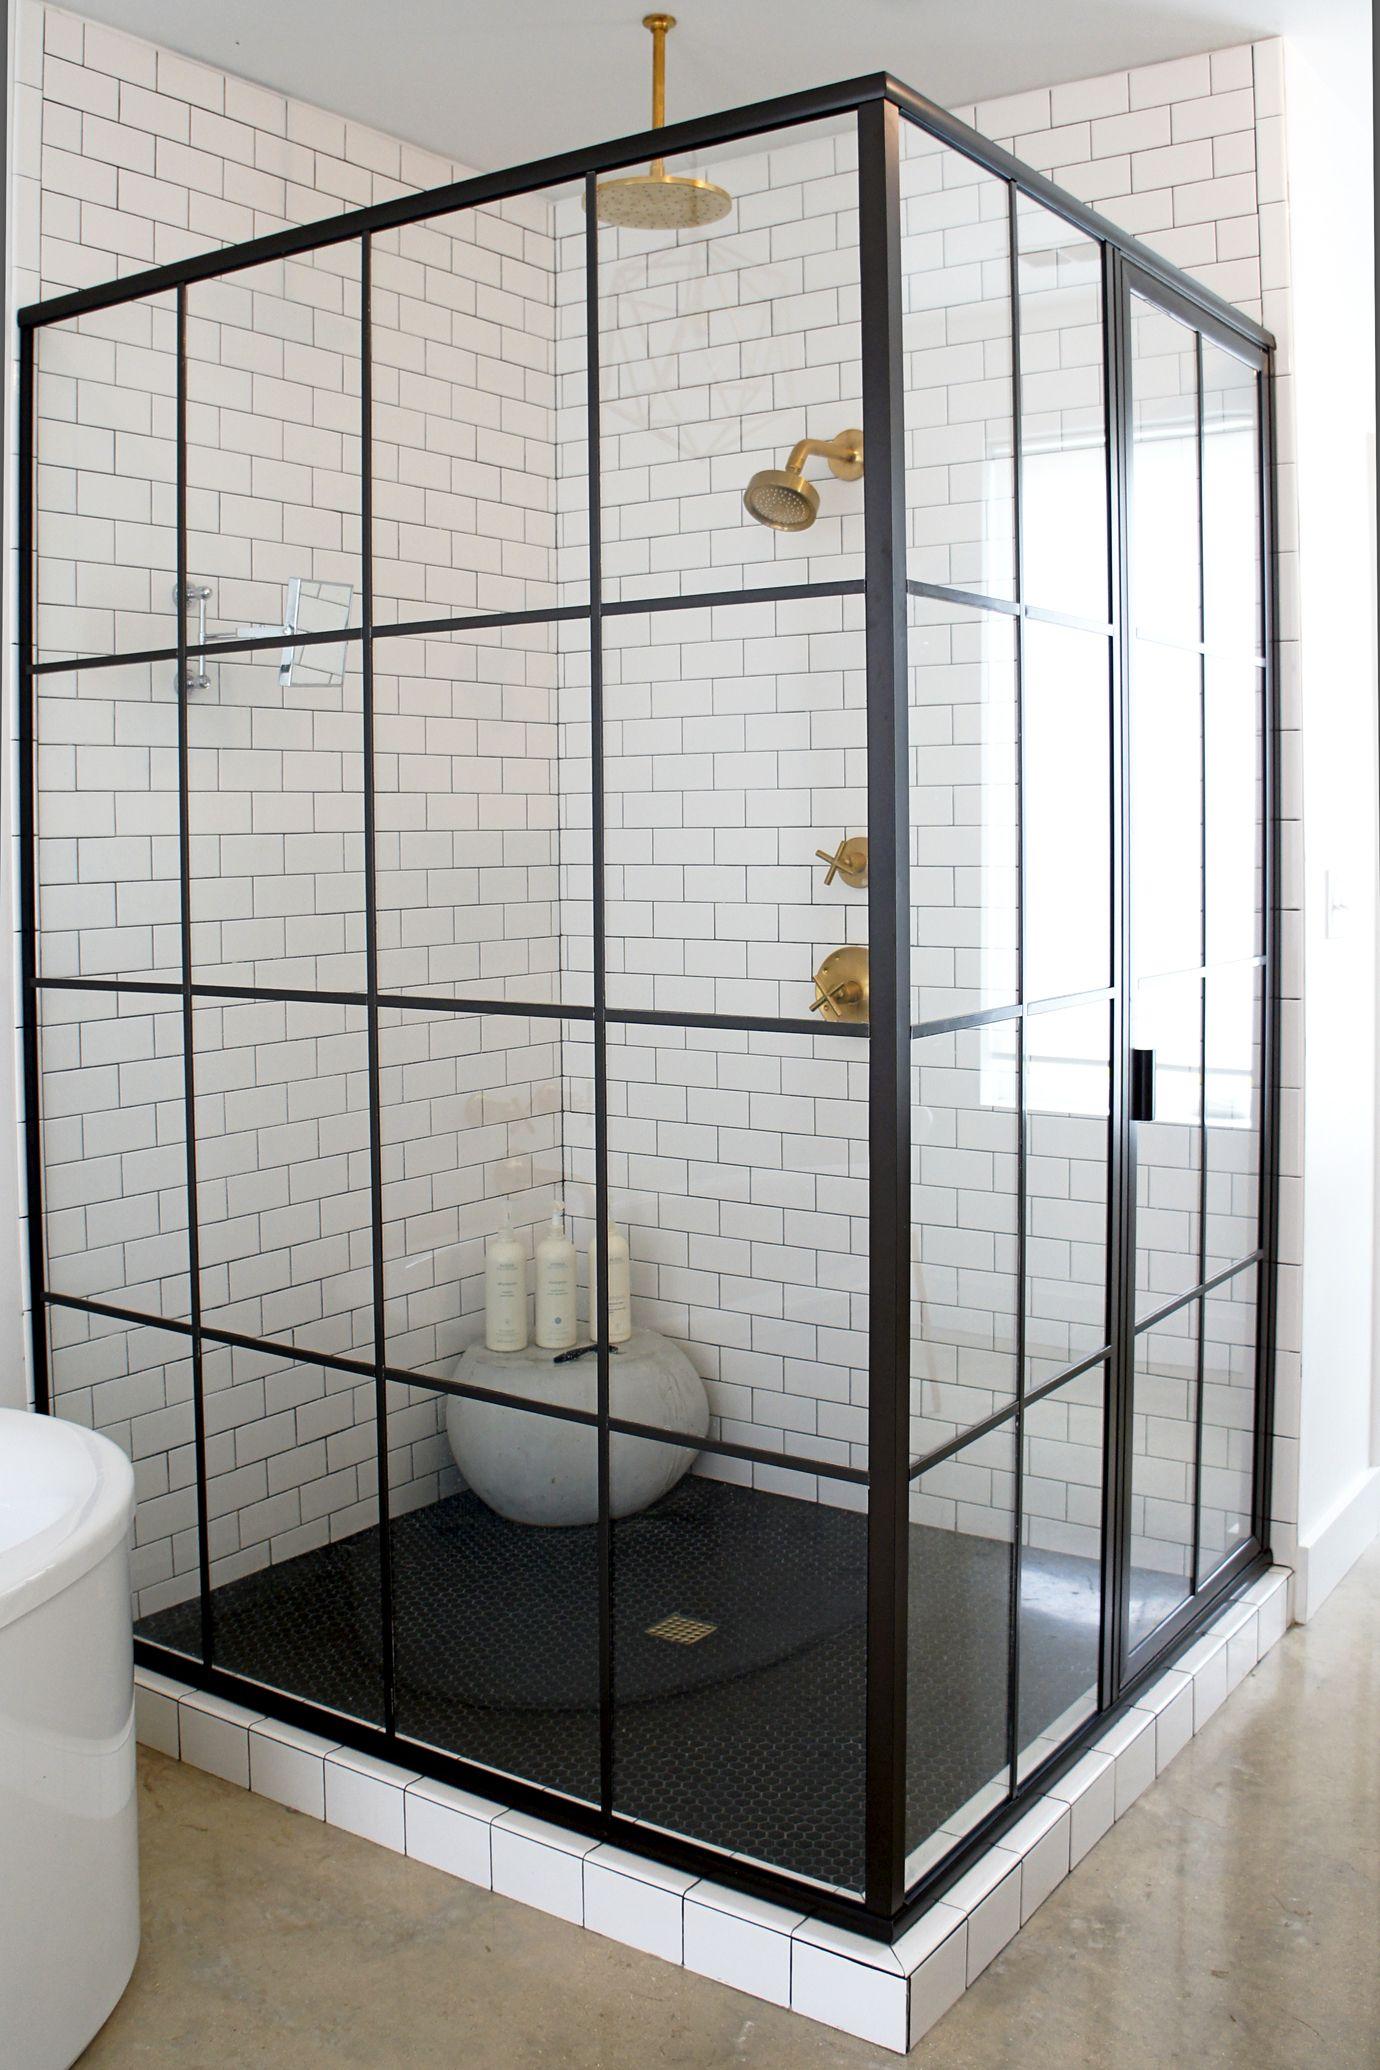 Badezimmer ideen marine pin von anna auf build  pinterest  badezimmer haus und bad